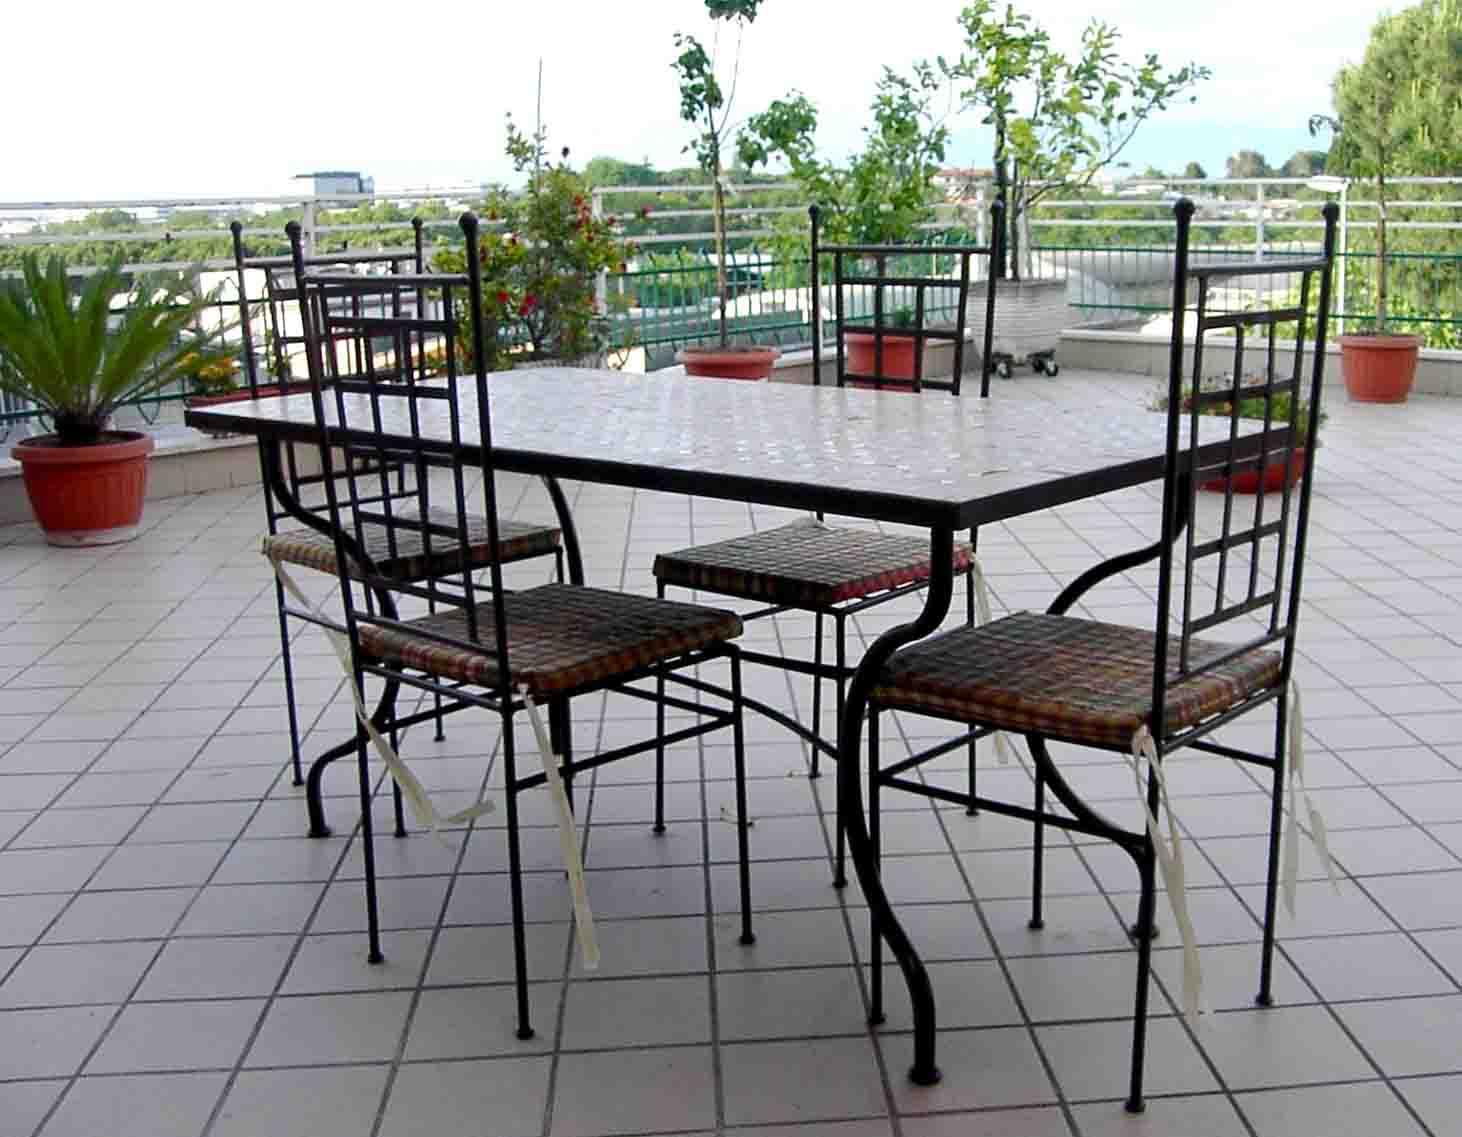 Tavolo zellige articolo prodotto marocchino tavolo con struttura